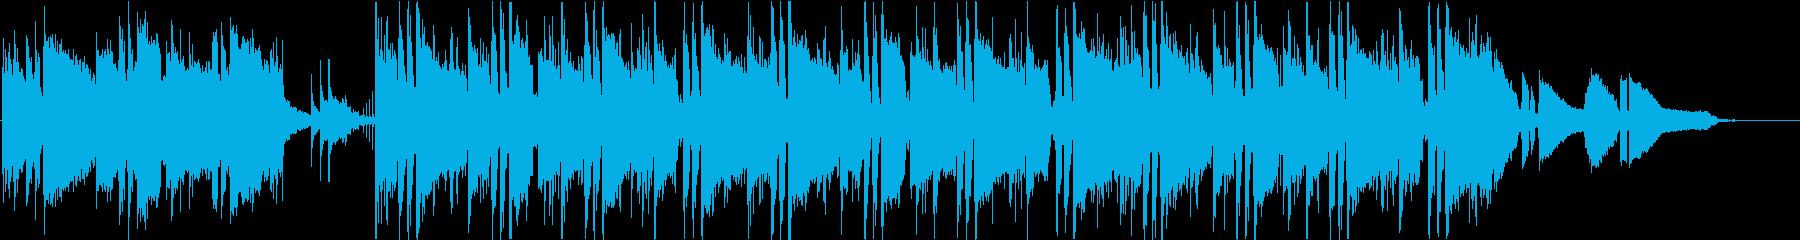 短縮版】チルアウト 落ち着き オシャレの再生済みの波形